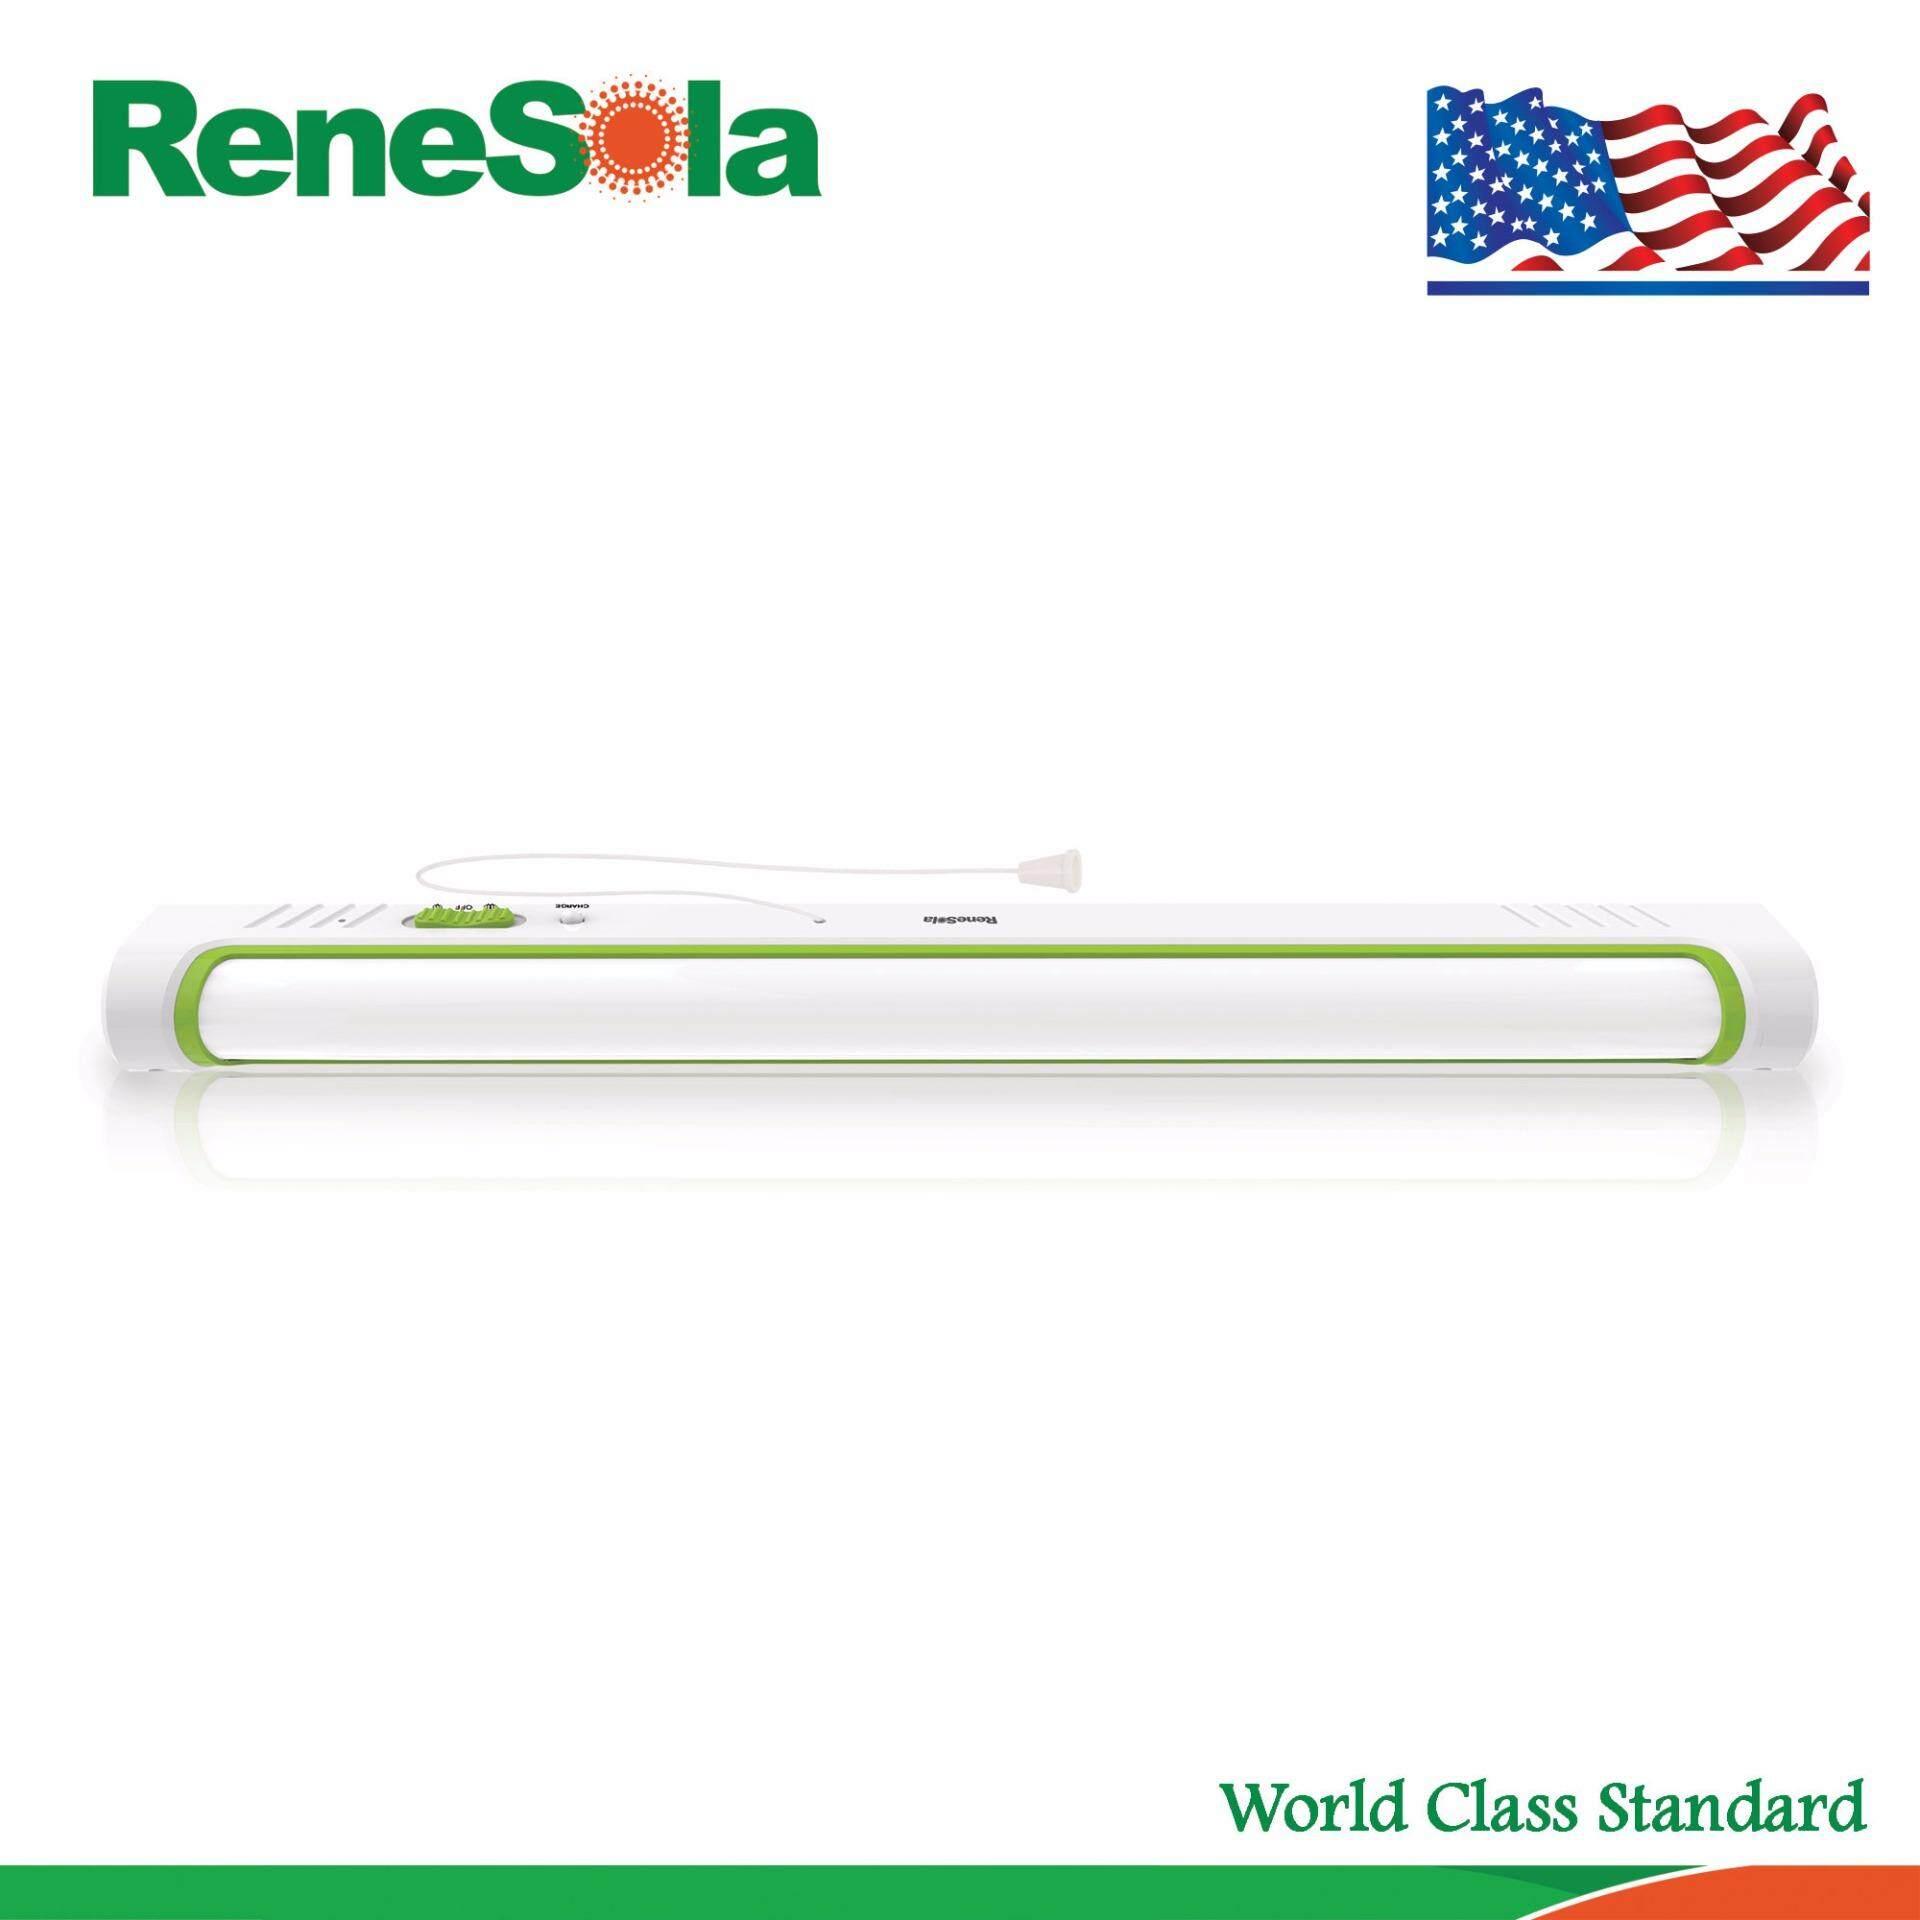 โปรโมชั่น Renesola โคมไฟฉุกเฉินแอลอีดีติดผนังแบบชาร์จไฟ 8 วัตต์ สีเขียว